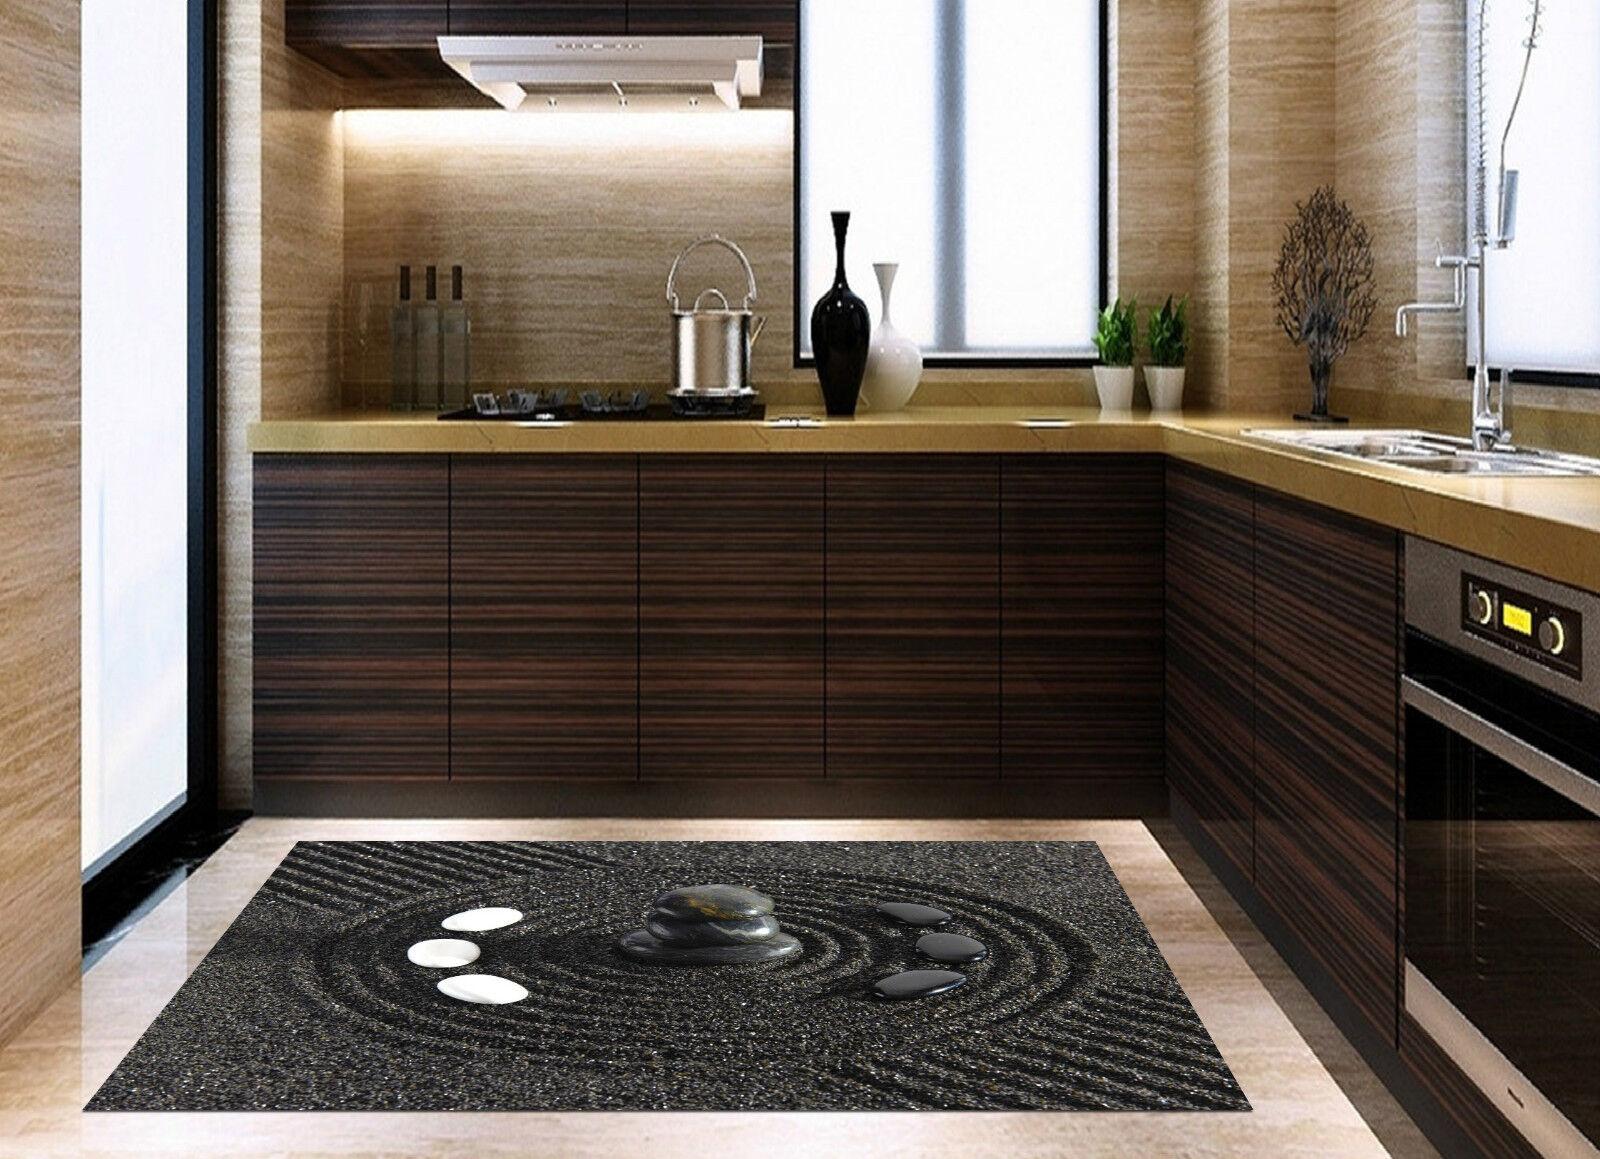 3D Sands Stones 6 Kitchen Mat Floor Murals Wall Print Wall Deco AJ WALLPAPER CA